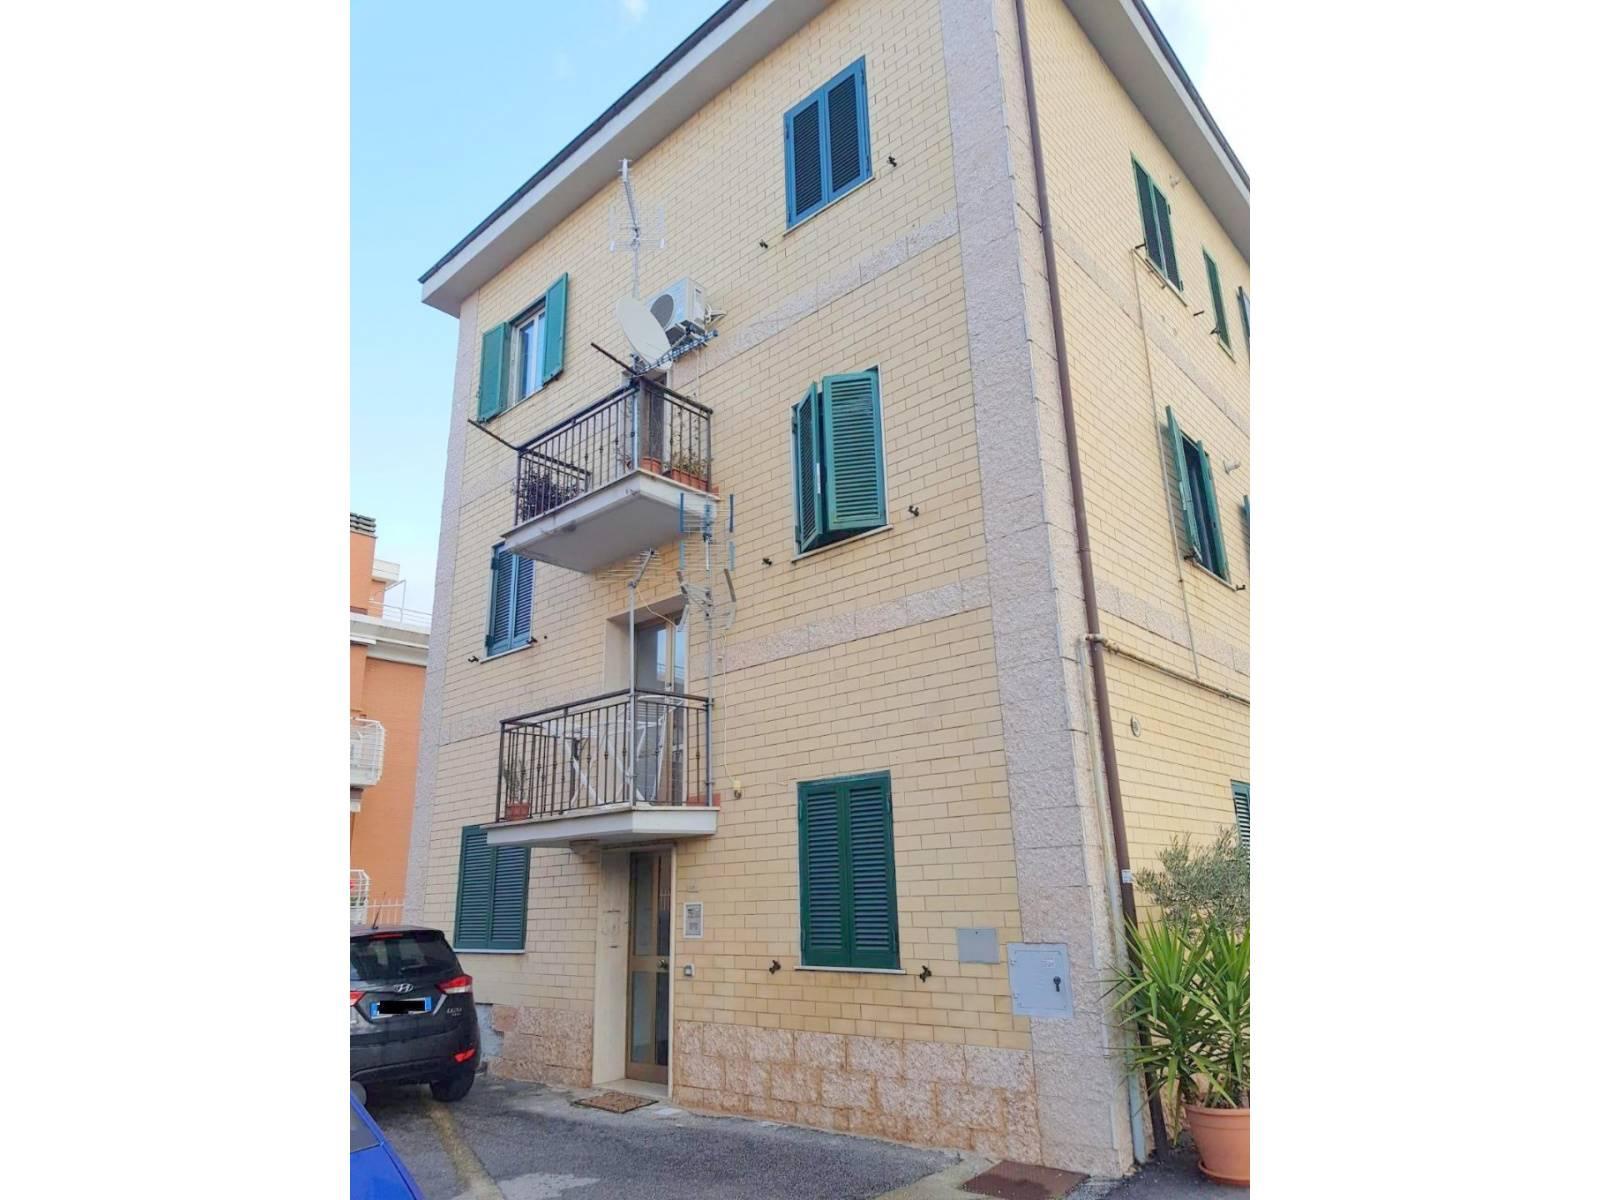 Appartamento in vendita a Roma, 2 locali, zona Località: SELVA CANDIDA, prezzo € 79.000 | CambioCasa.it